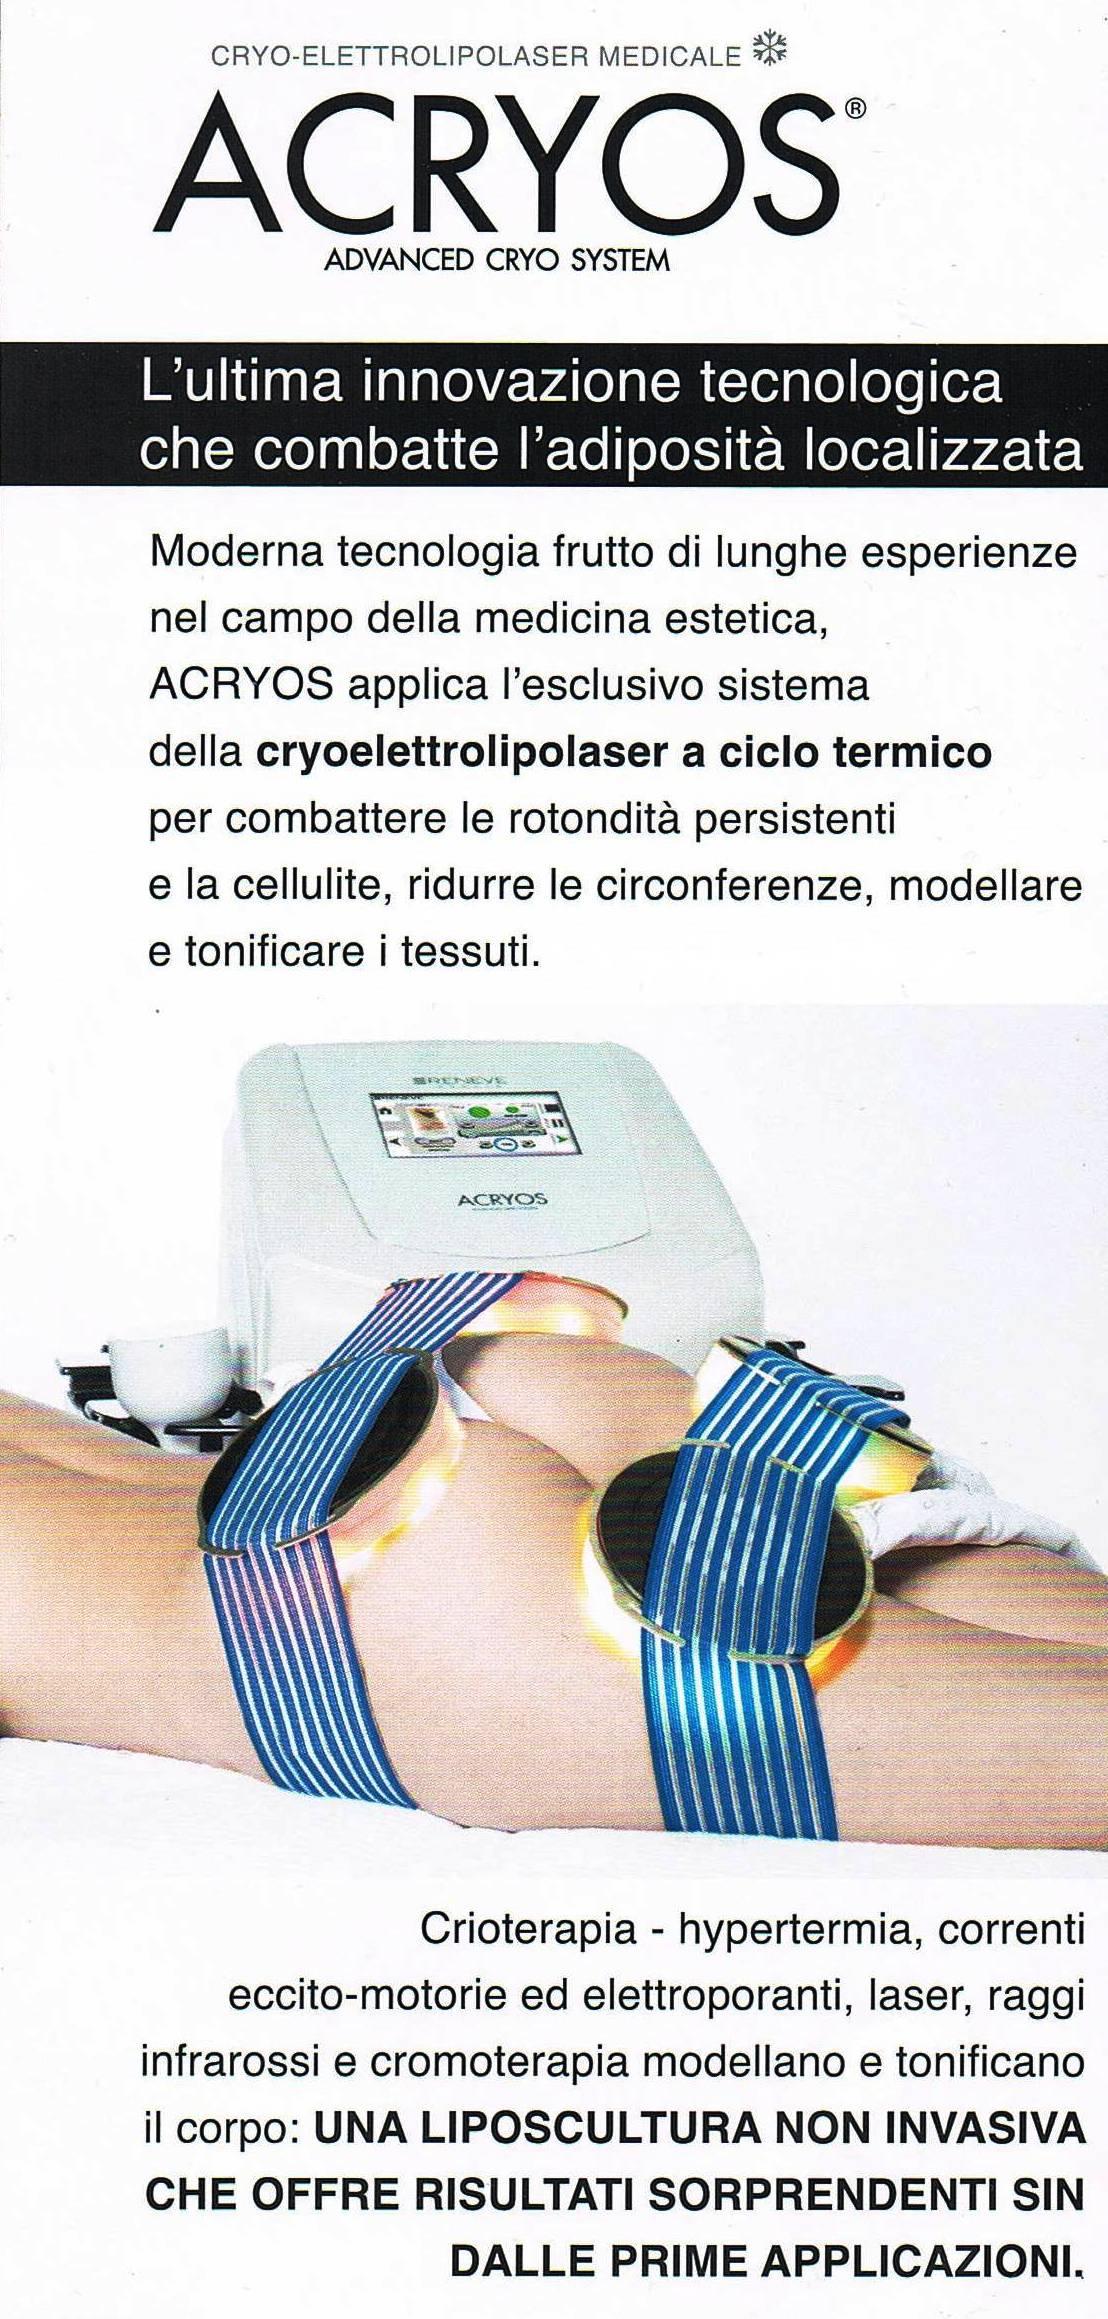 Dott.ssa - BigozziStudi Medici - Fratellanza Popolare Peretola Firenze